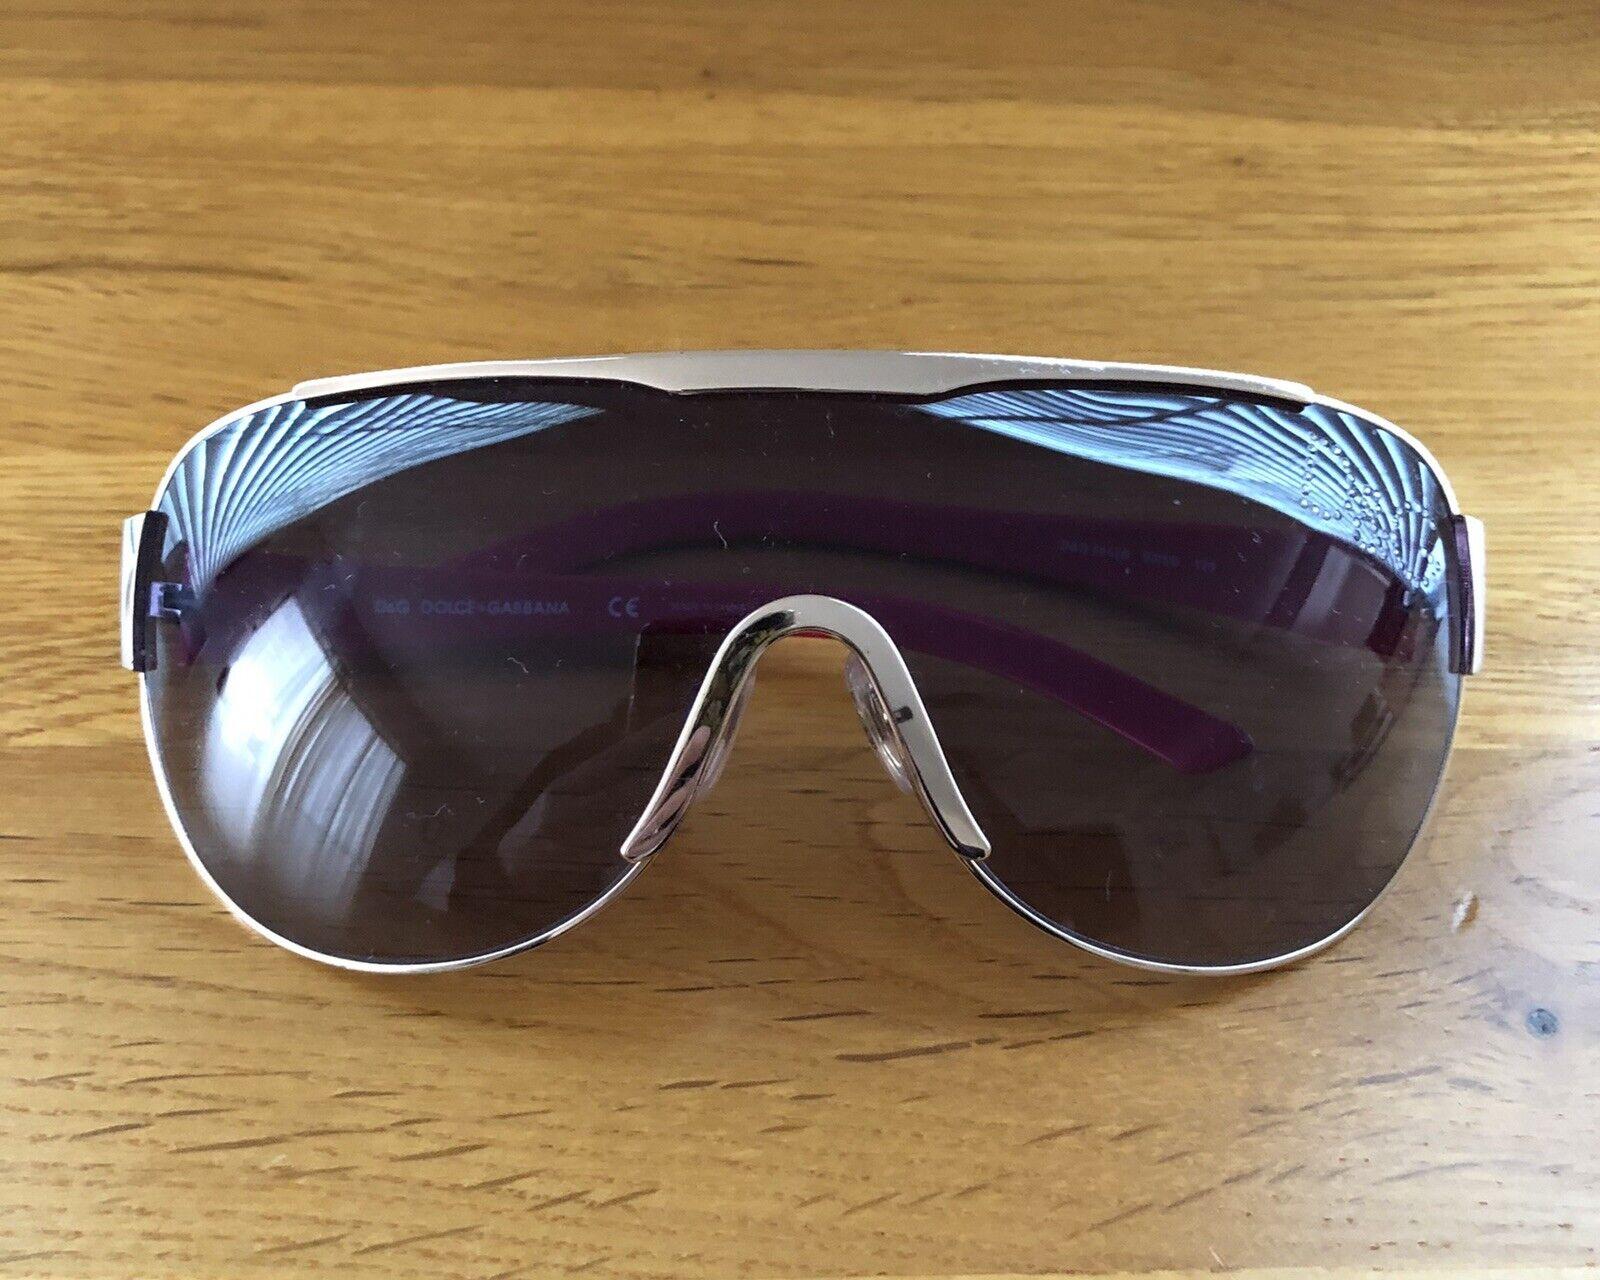 D&G DOLCE & GABBANA Hot Pink Gold Metal Crystal Sunglasses D&G 6011B 03/8G 125